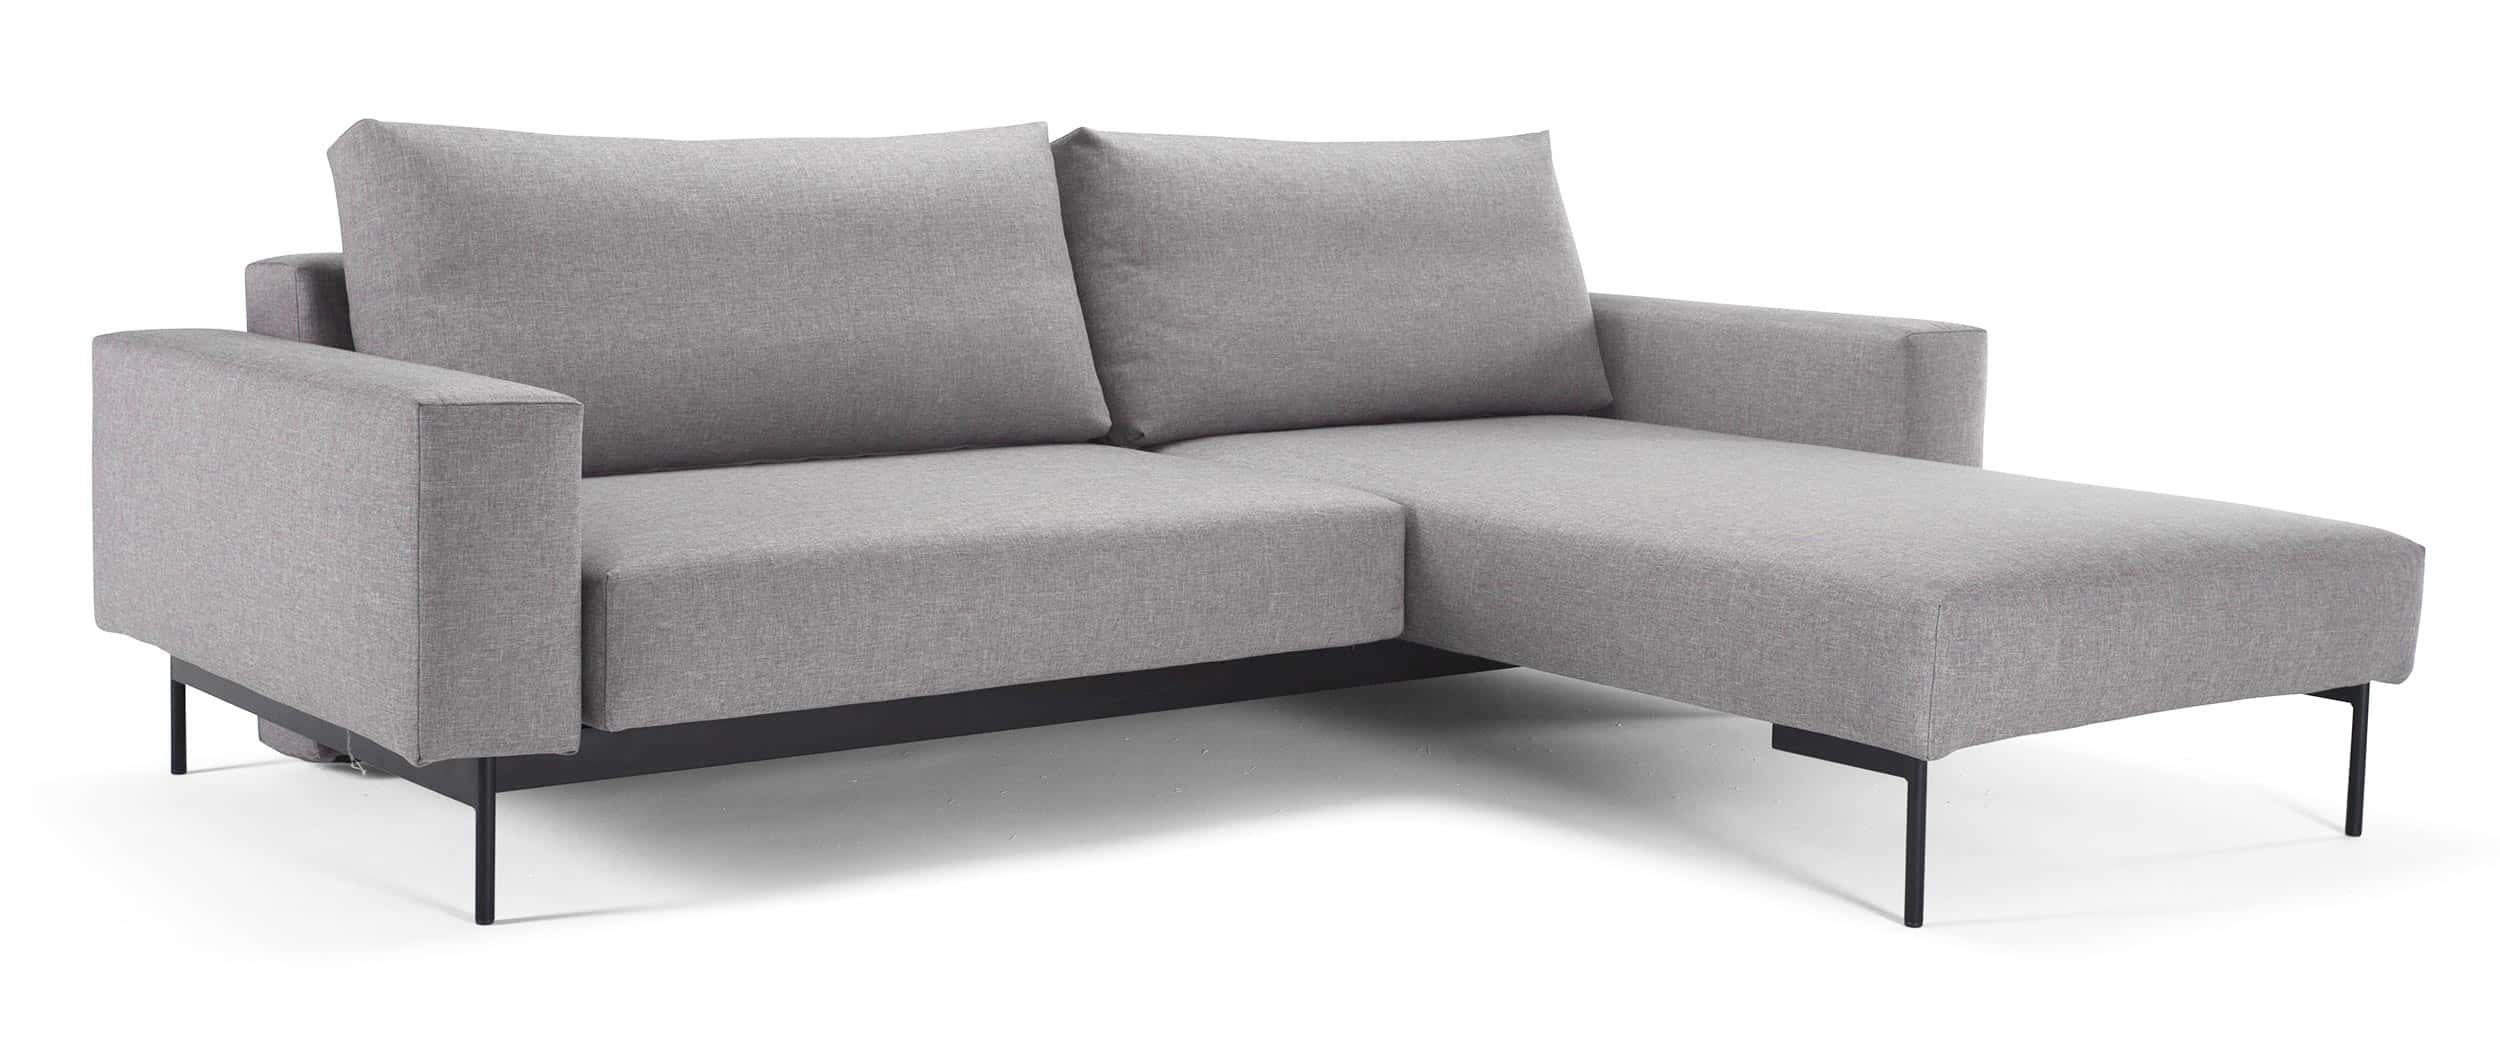 innovation bragi eckschlafsofa mit praktischem holztisch und g stebettfunktion. Black Bedroom Furniture Sets. Home Design Ideas